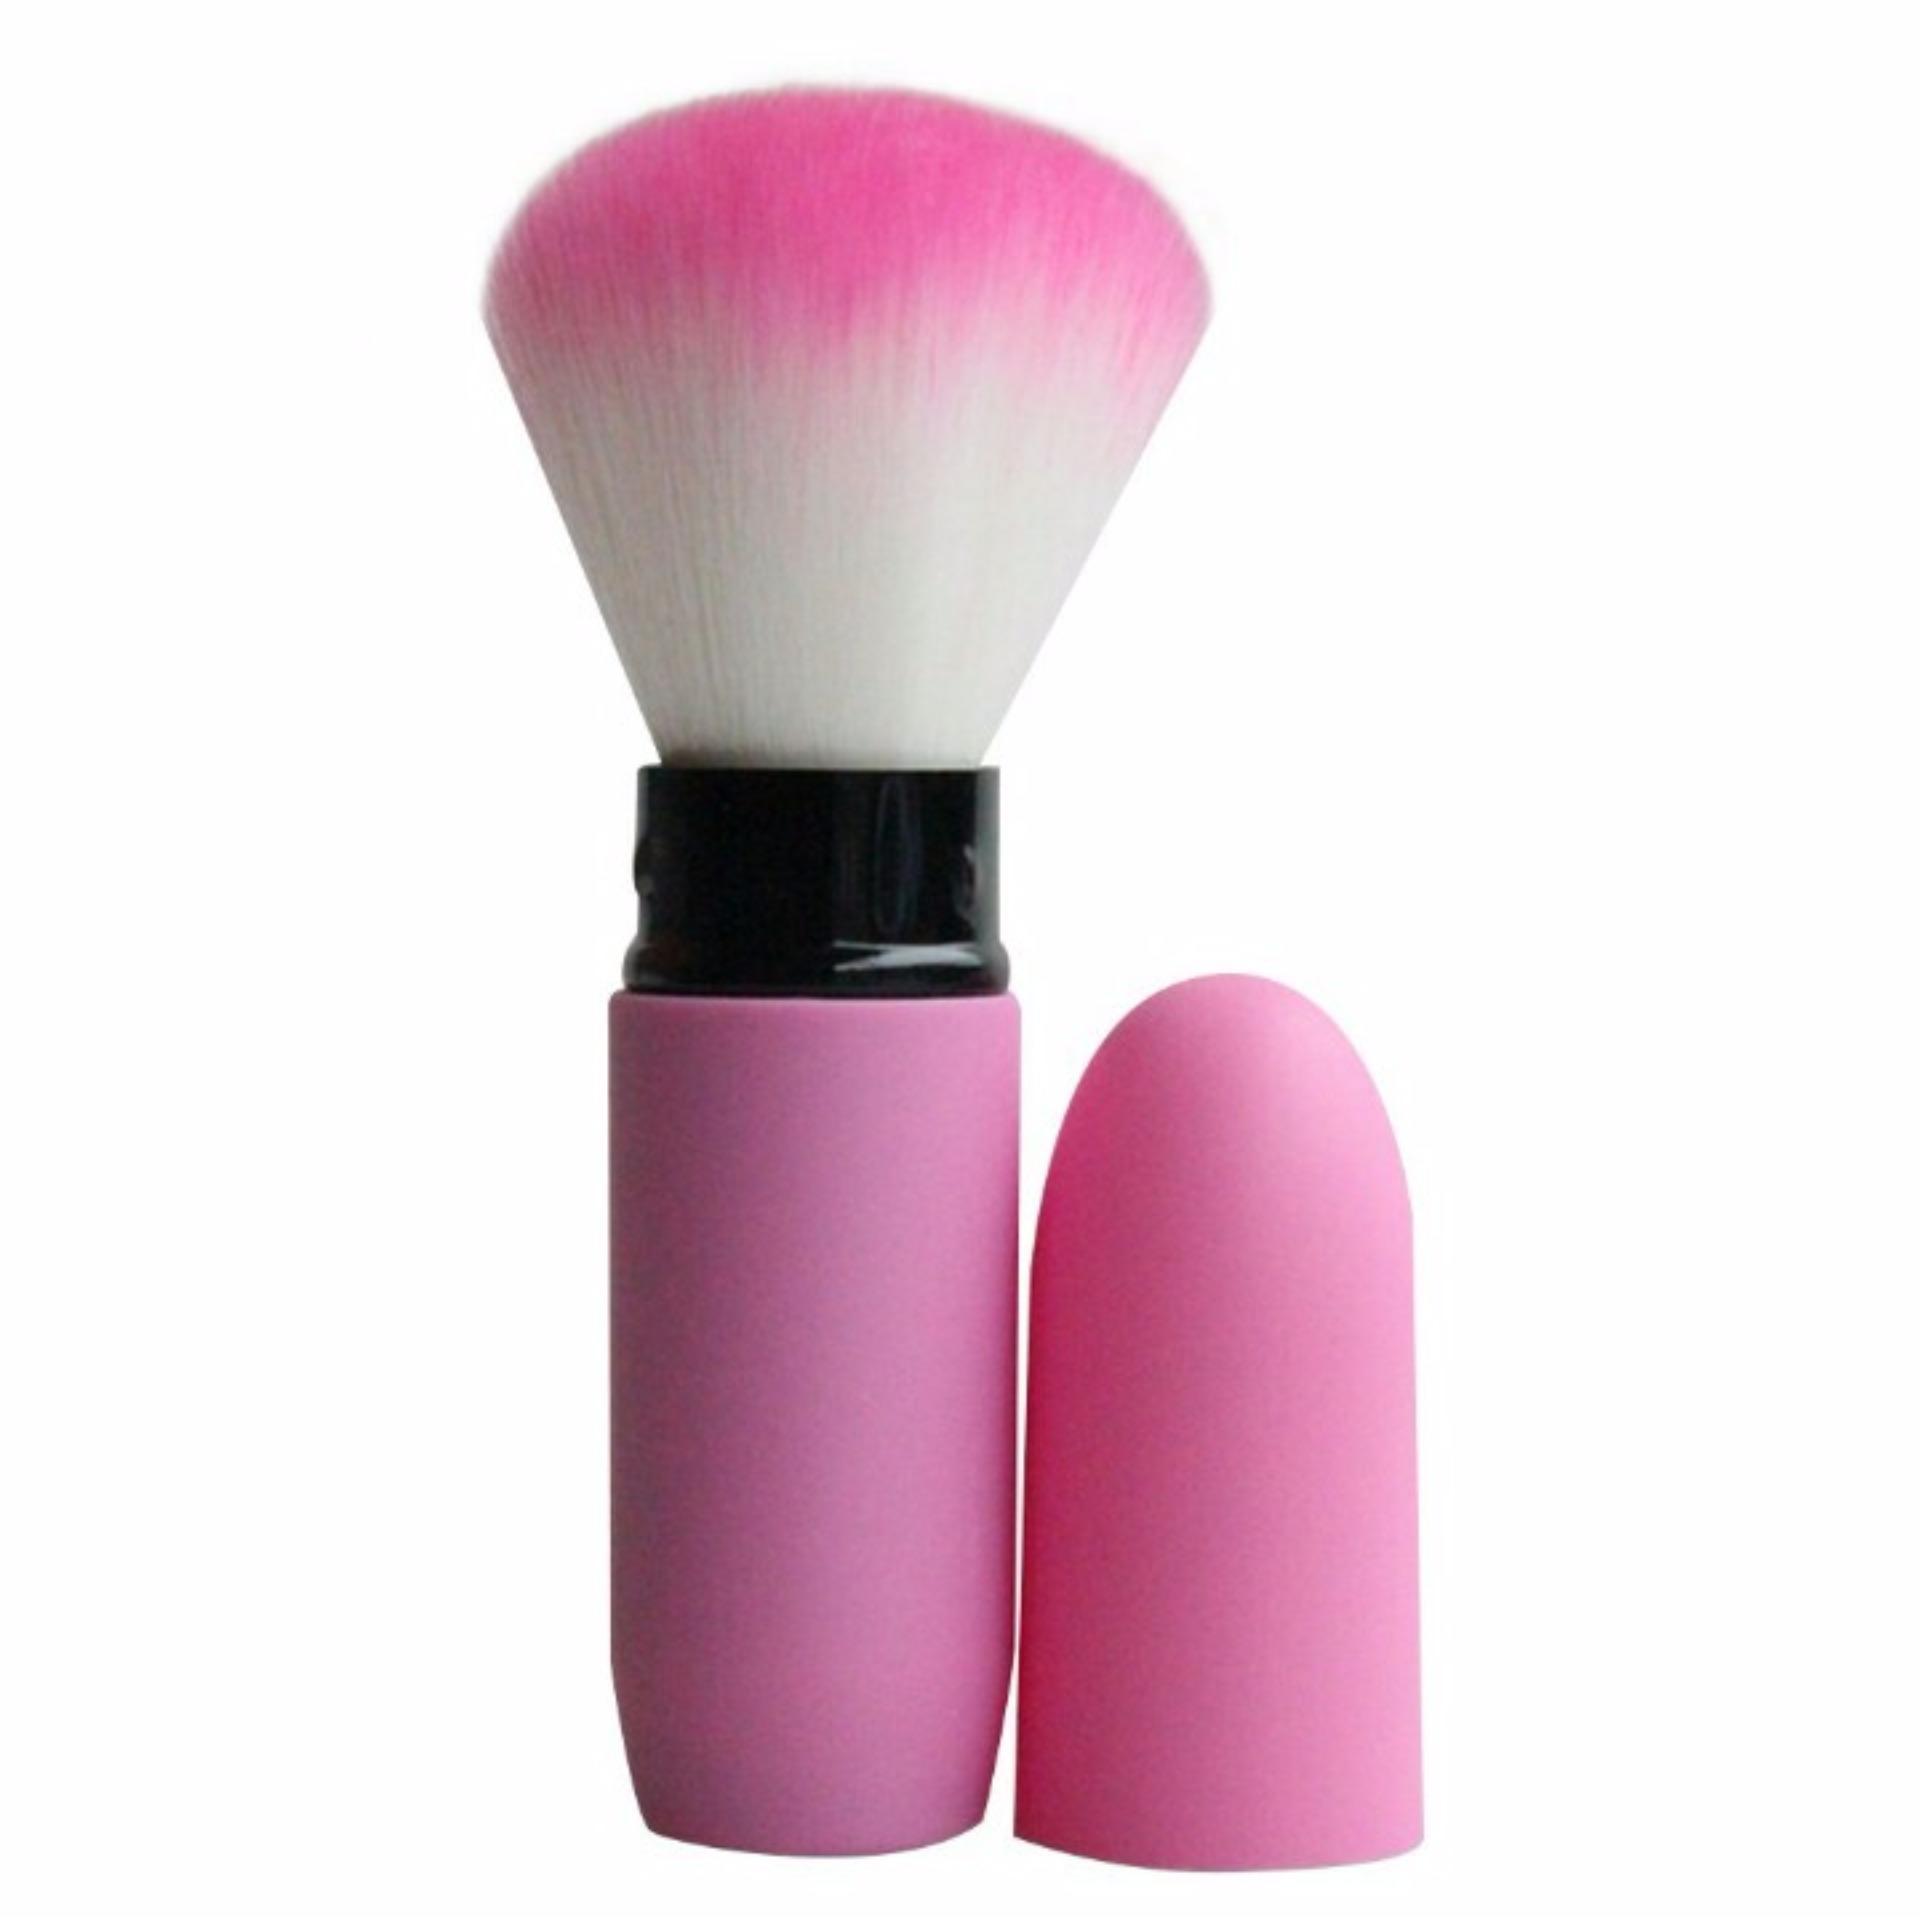 Kuas Make Up / Makeup Brush Portable Blush On - Pink